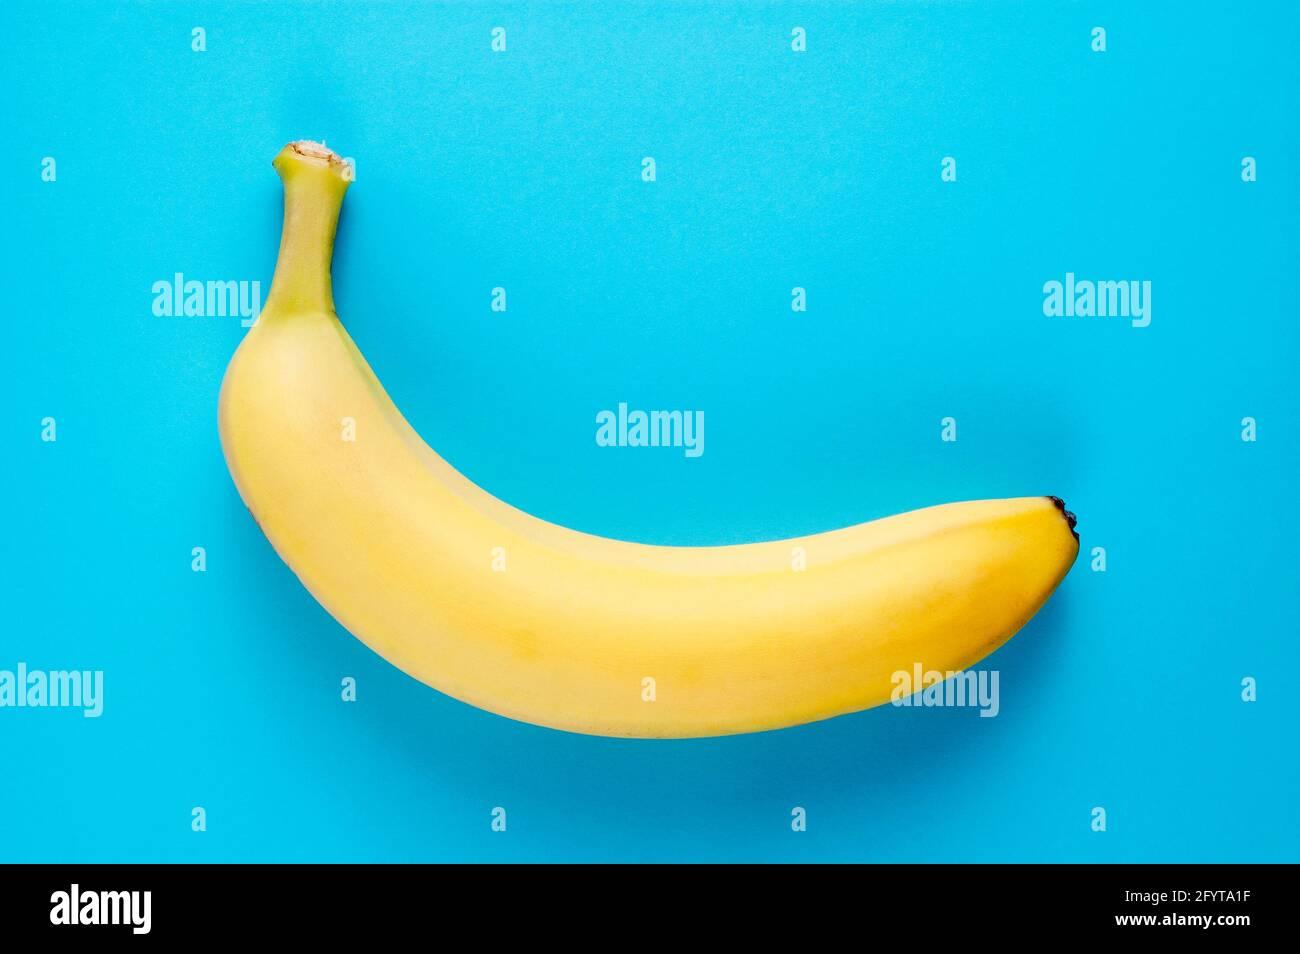 Simple plat de nourriture saine avec une banane fraîche sur bleu arrière-plan Banque D'Images